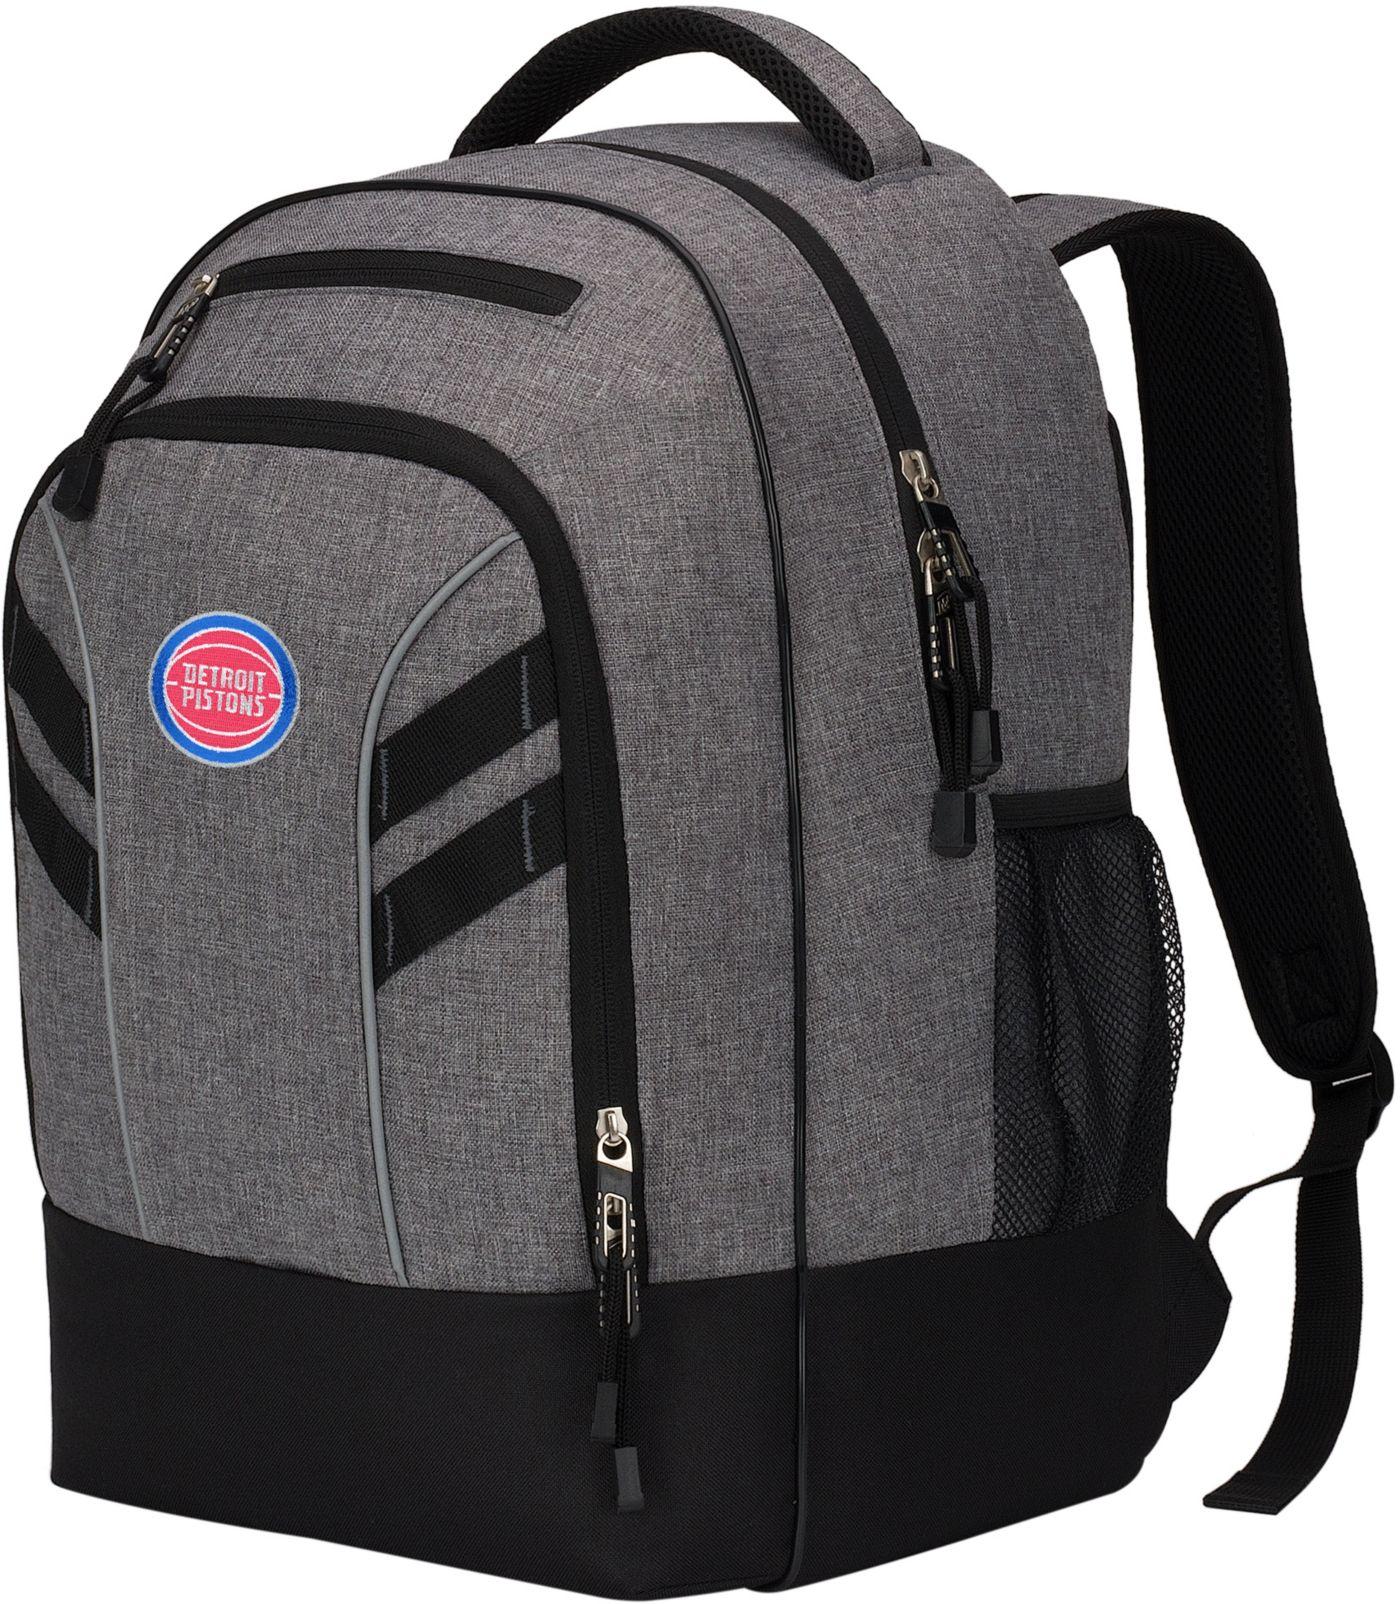 Northwest Detroit Pistons Razor Backpack